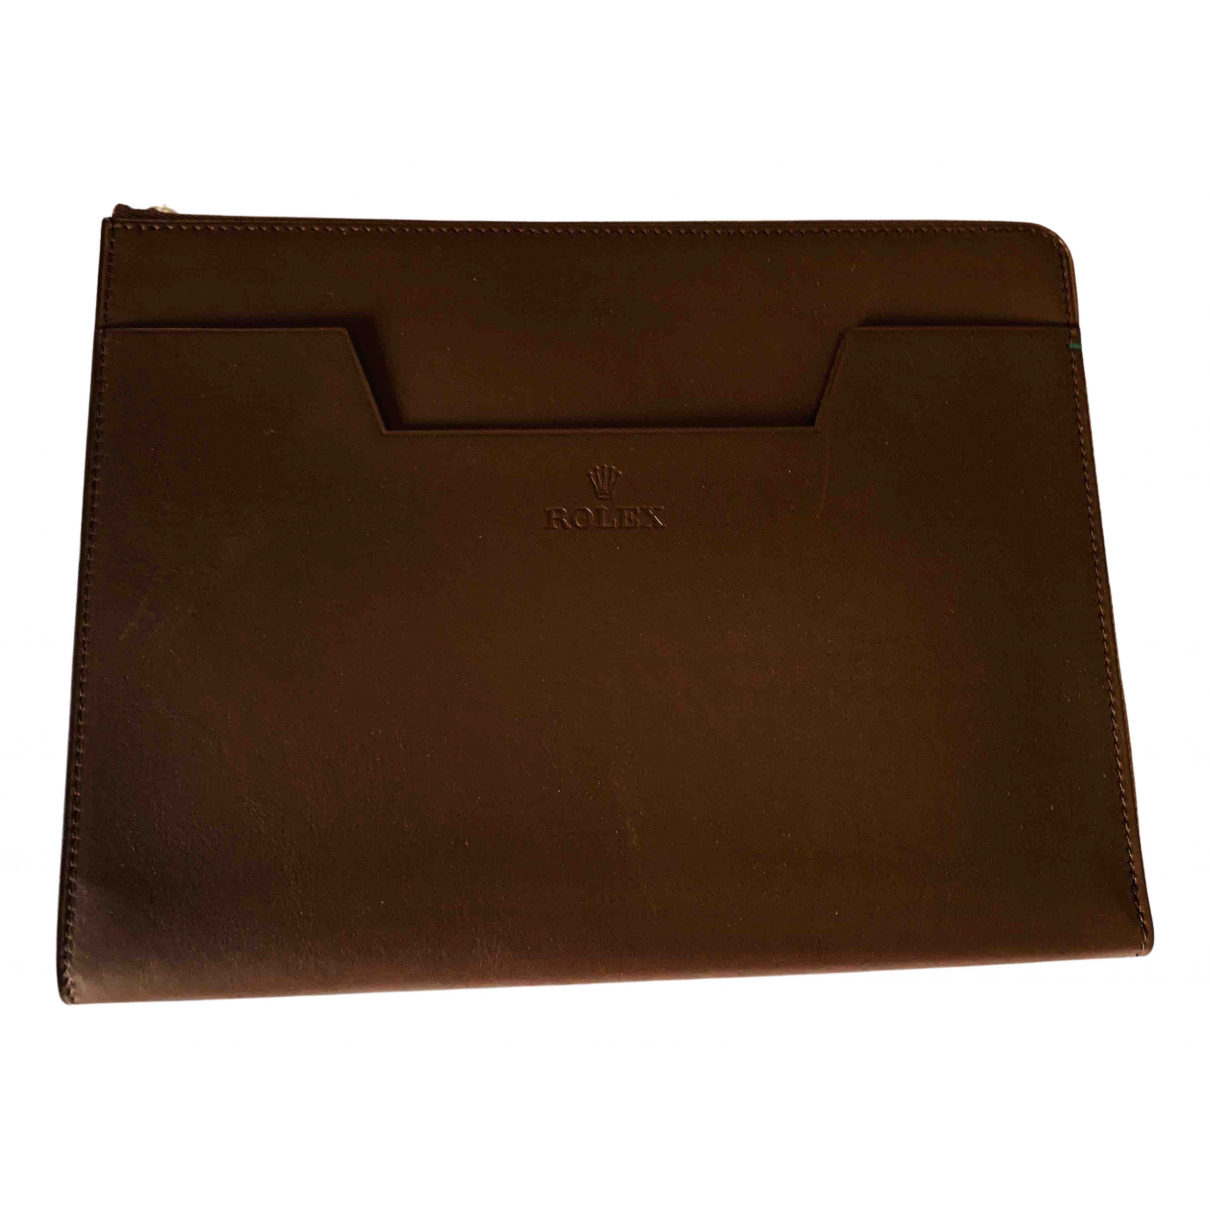 Rolex - Accessoires   pour lifestyle en cuir - marron